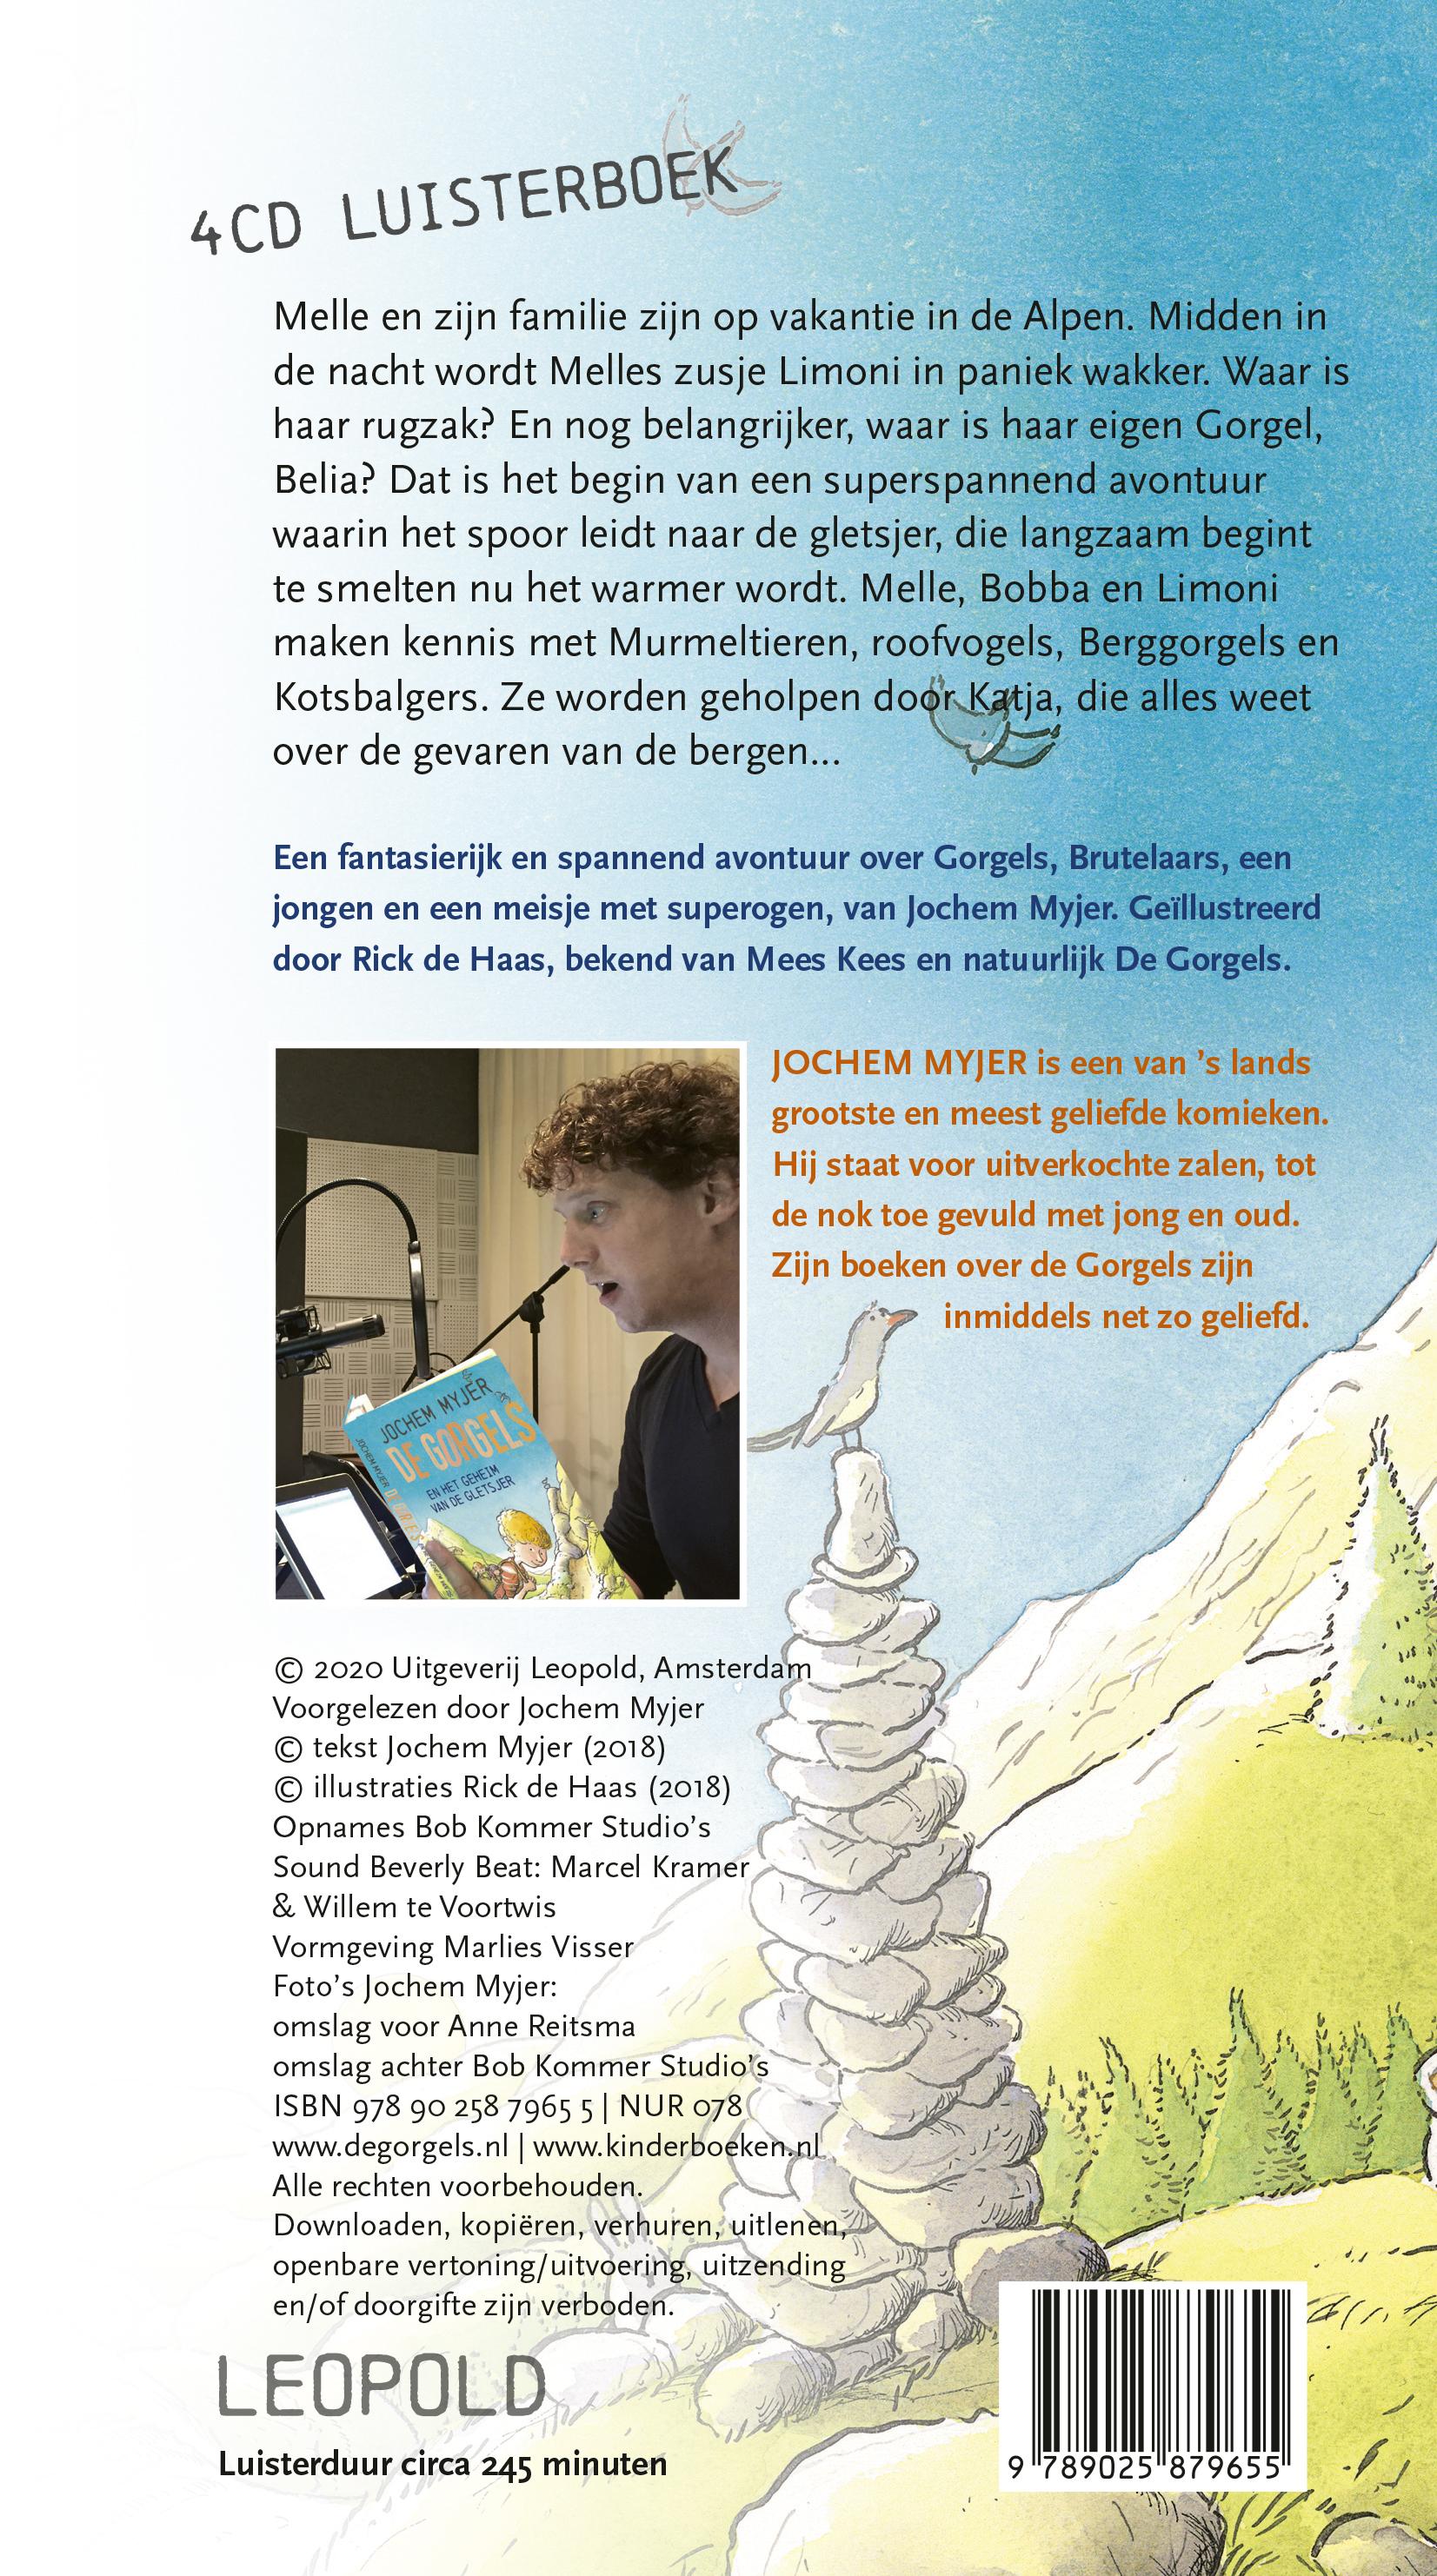 DE GORGELS en het geheim van de gletsjer [4CD]